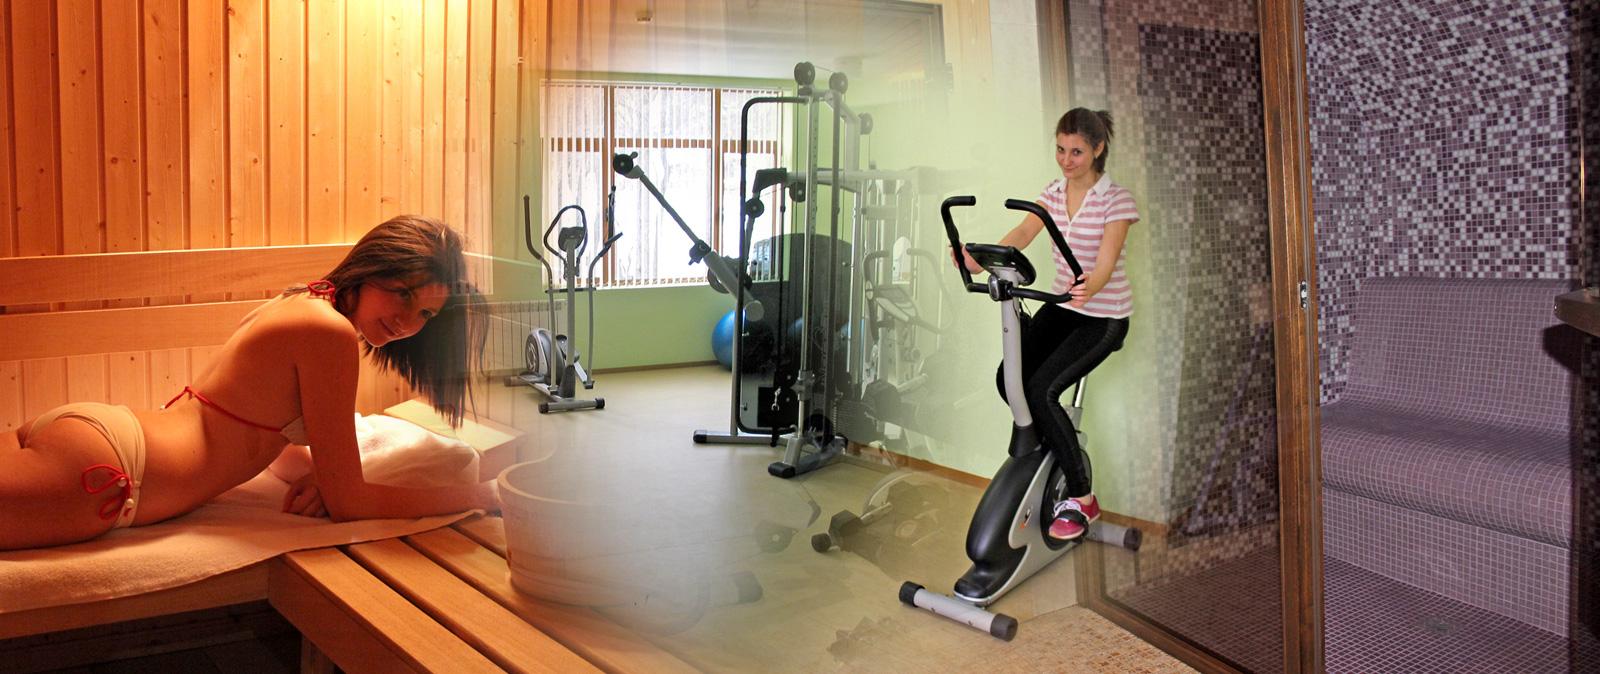 Sauna and fitness in Hotel complex Predel